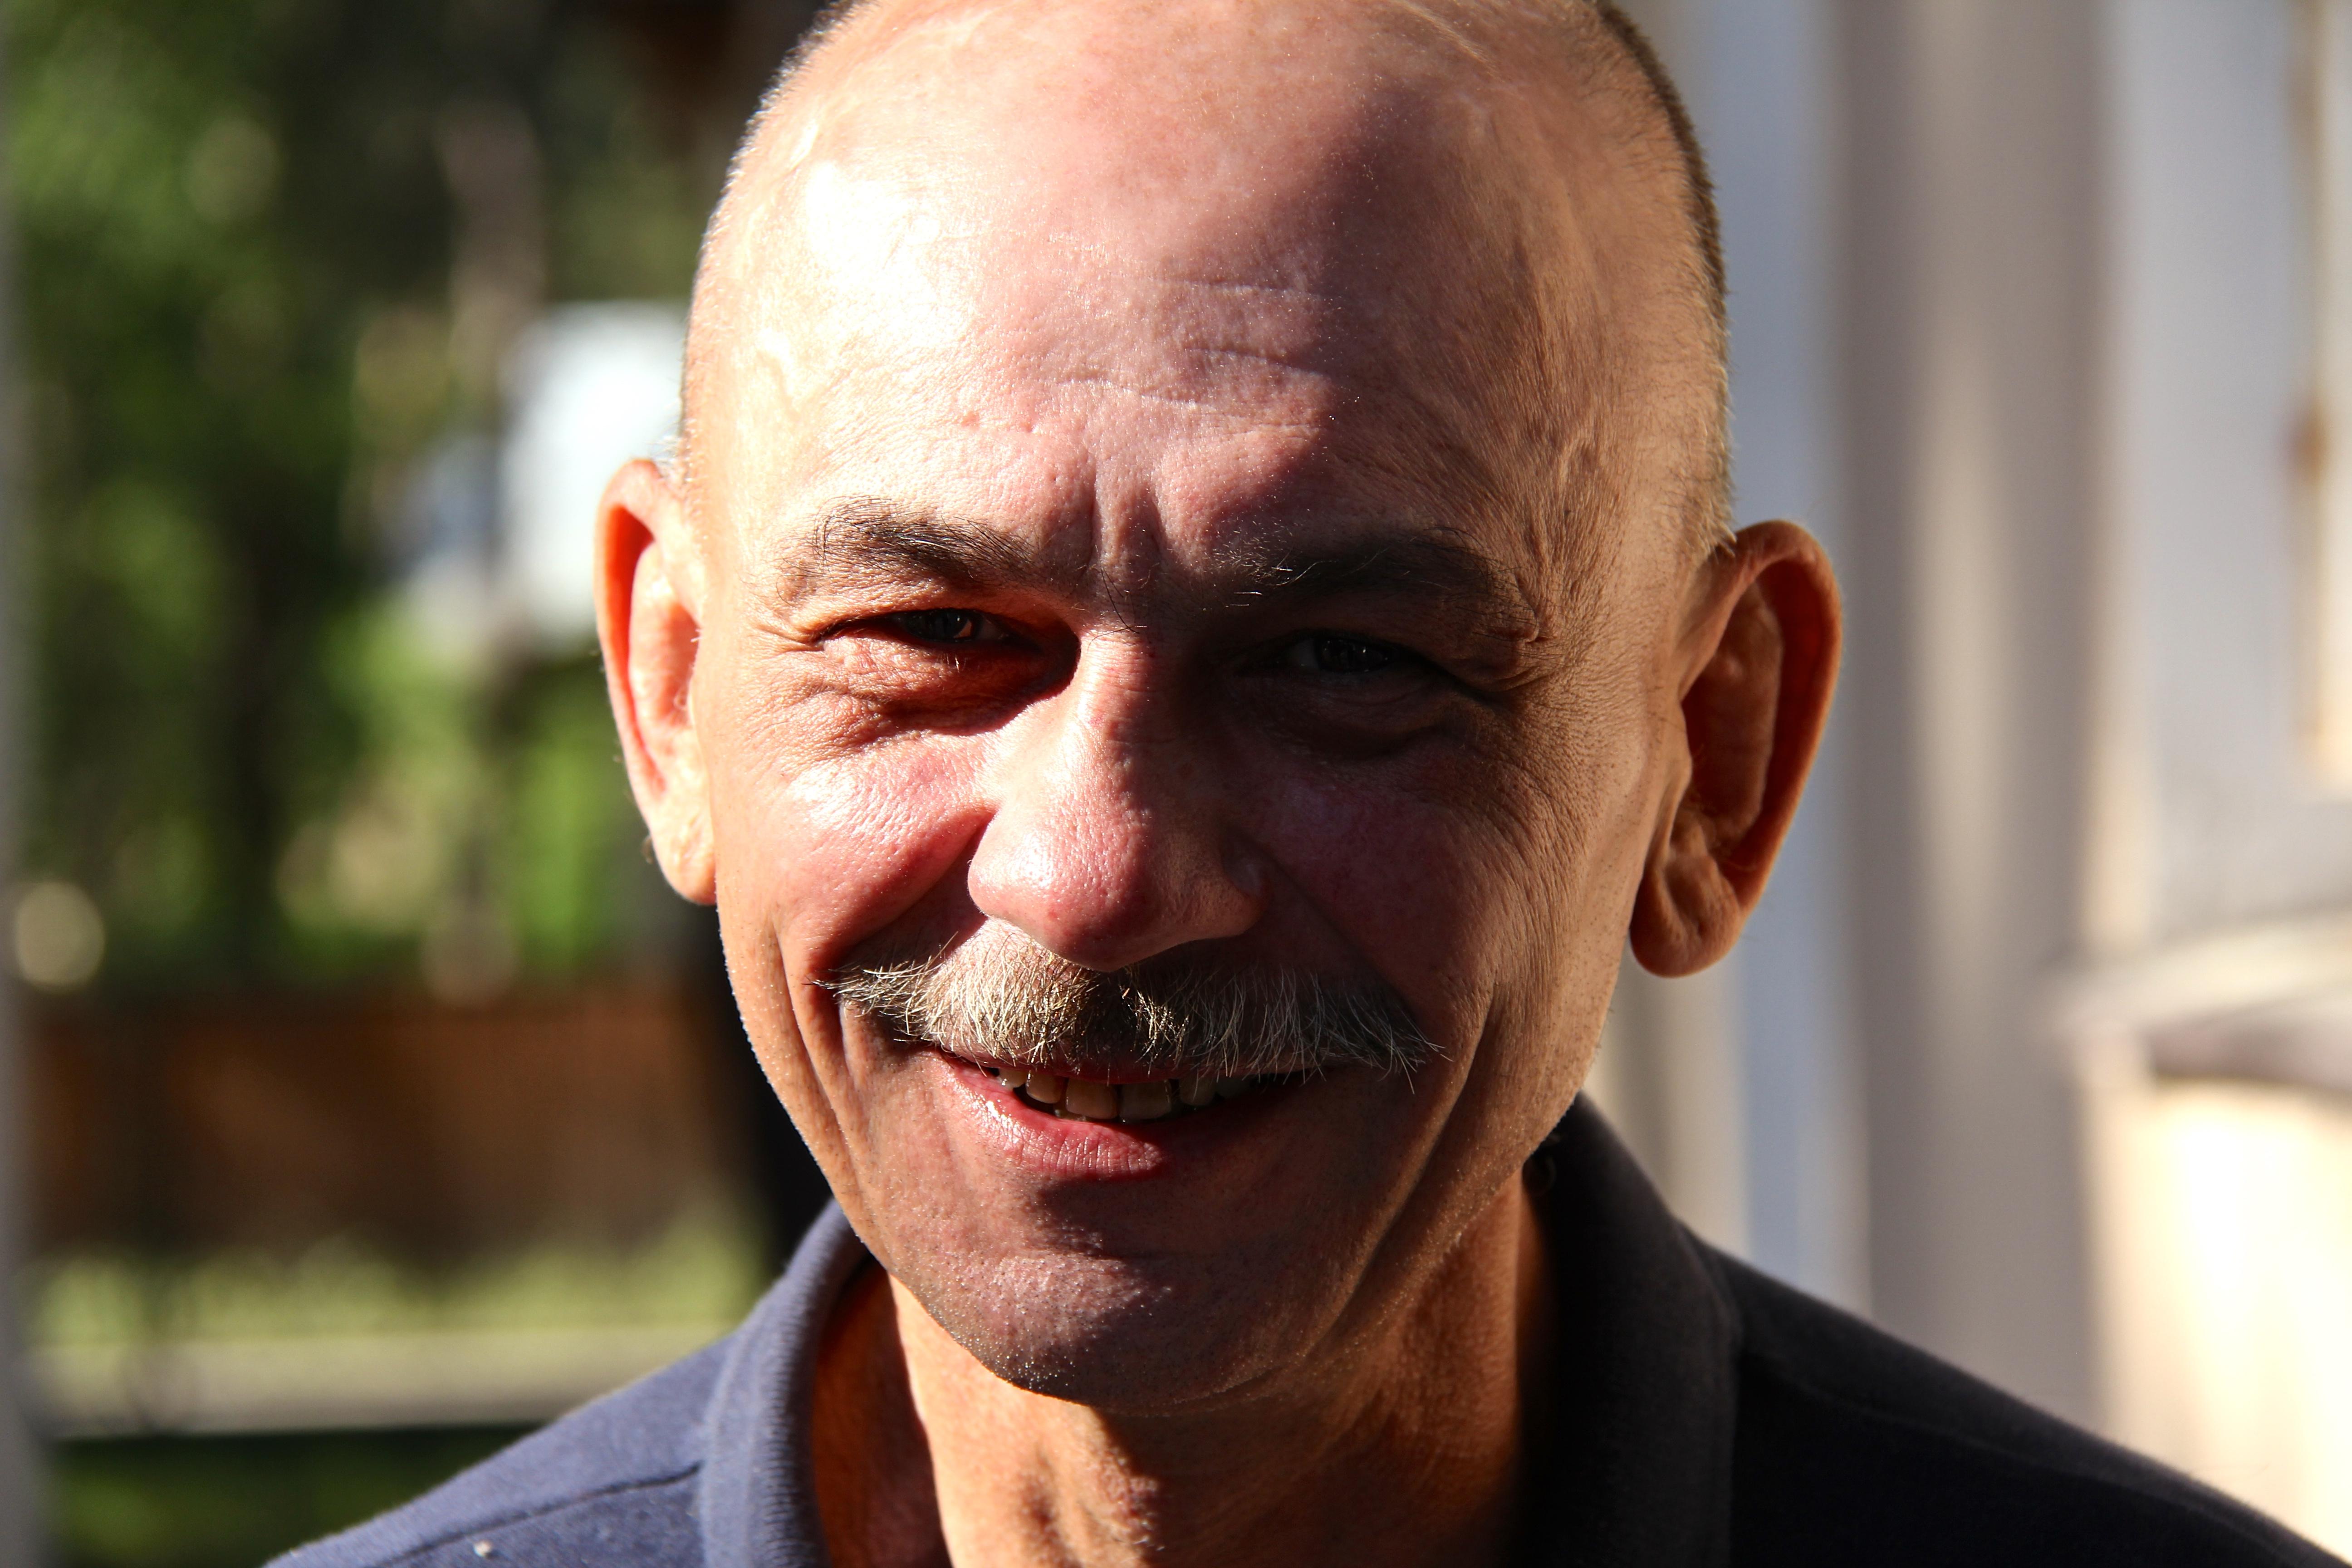 Während 20 Jahren hat Wiesiek in einem improvisierten Zelt am Flussrand gelebt. Heute geht er einer Arbeit nach, hat ein Zimmer und ist Mitglied der Heilsarmee.